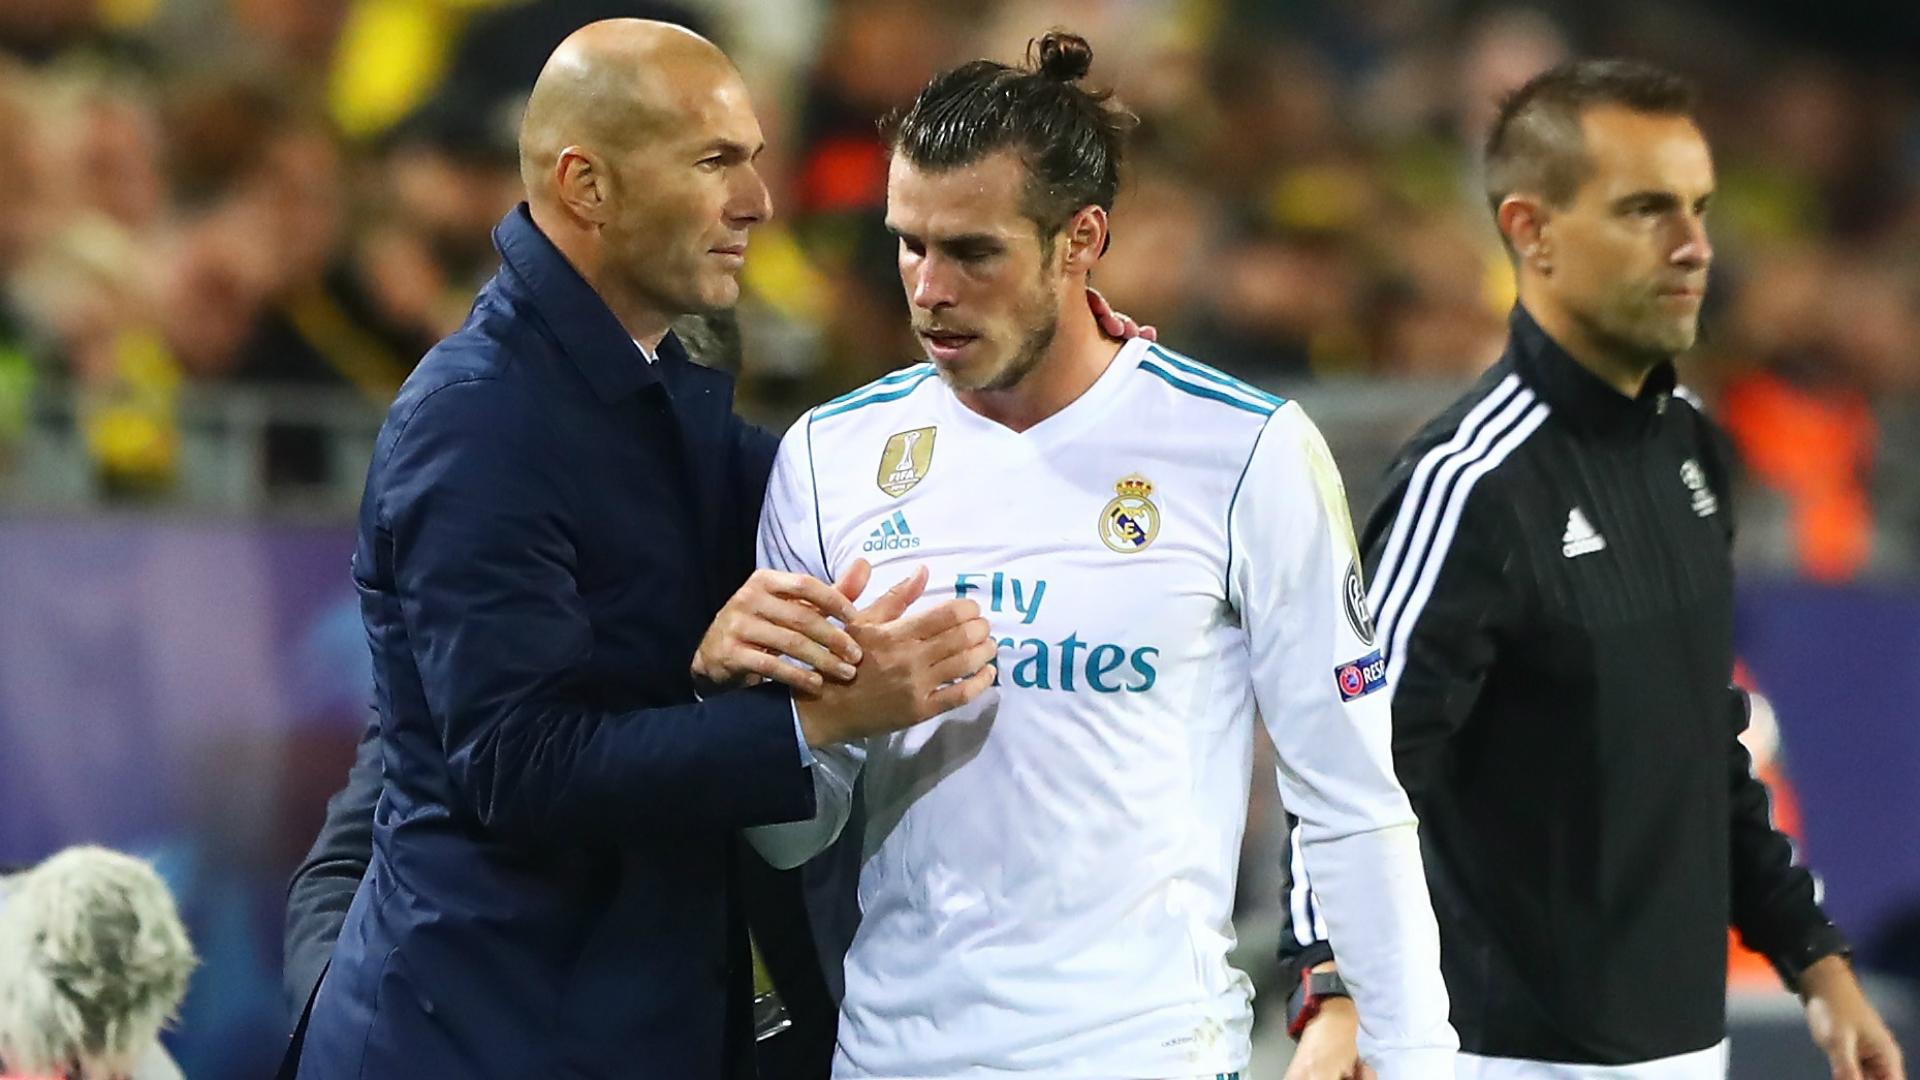 Bị chửi là nổi ô nhục, Zidane đáp trả dữ dội vụ Bale